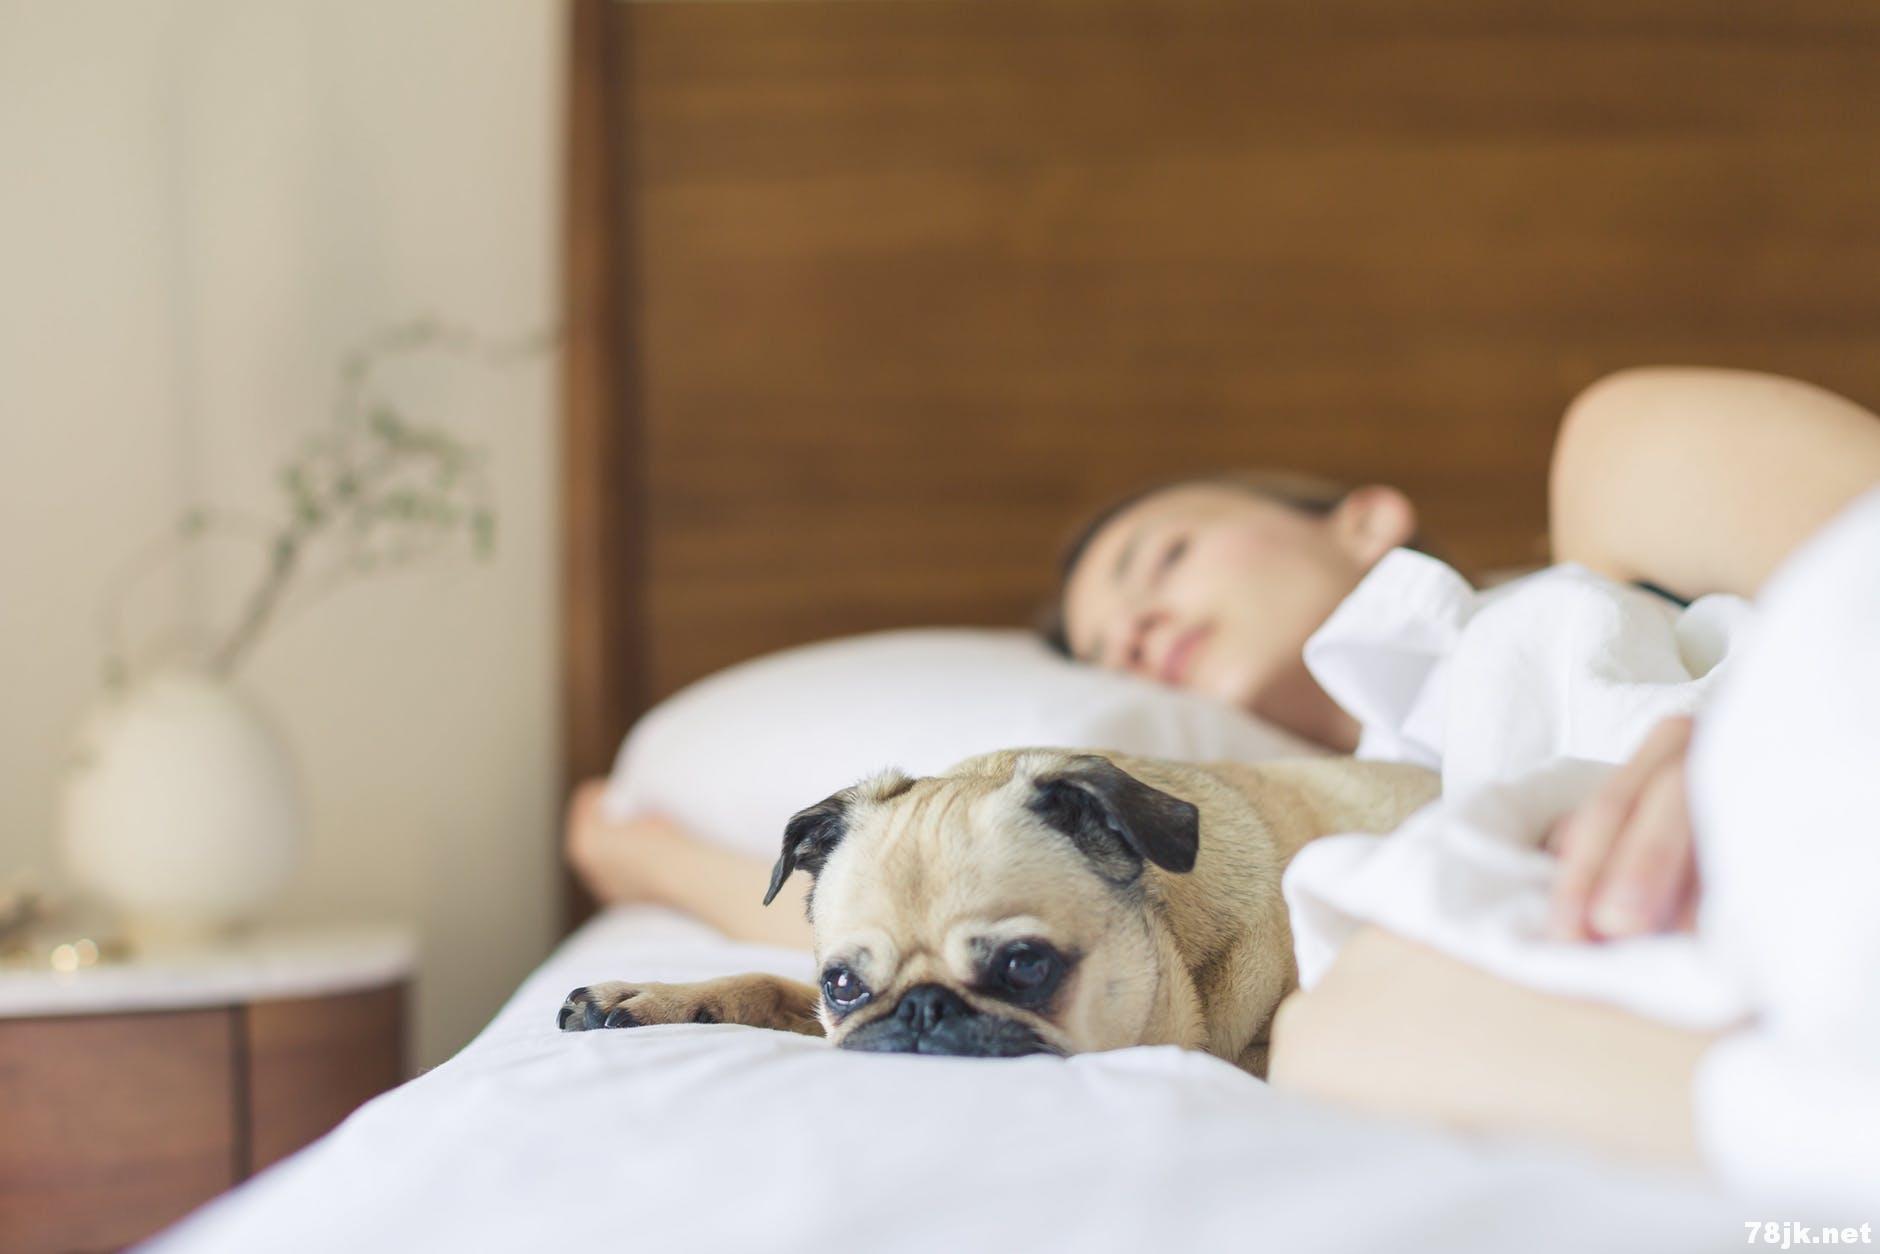 72 小时不睡觉的危害:炎症、幻觉、大脑受损